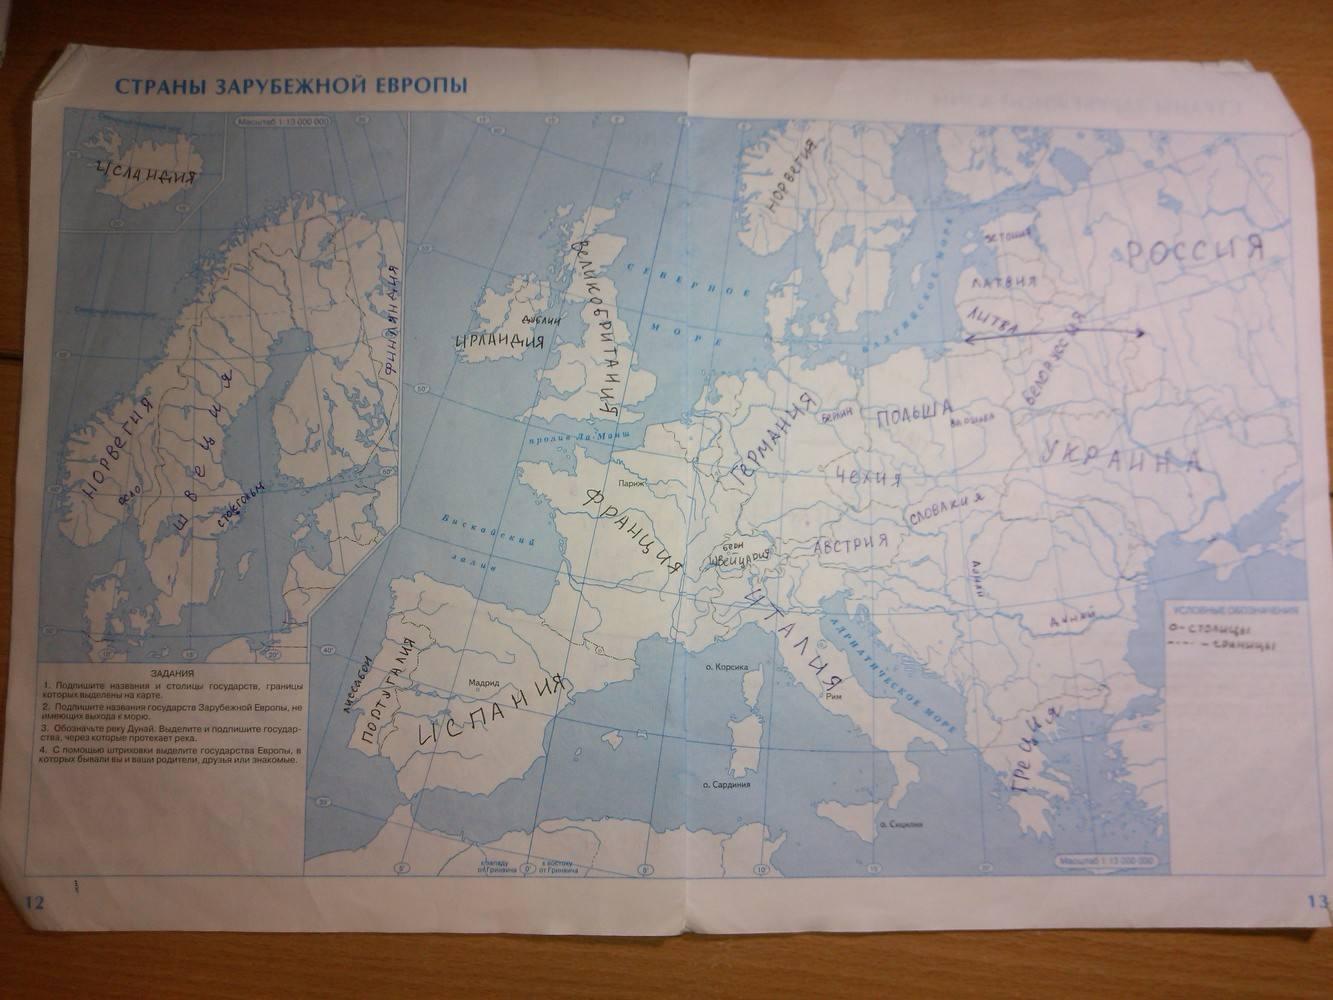 гдз контурные карты 7 класс страны зарубежной европы